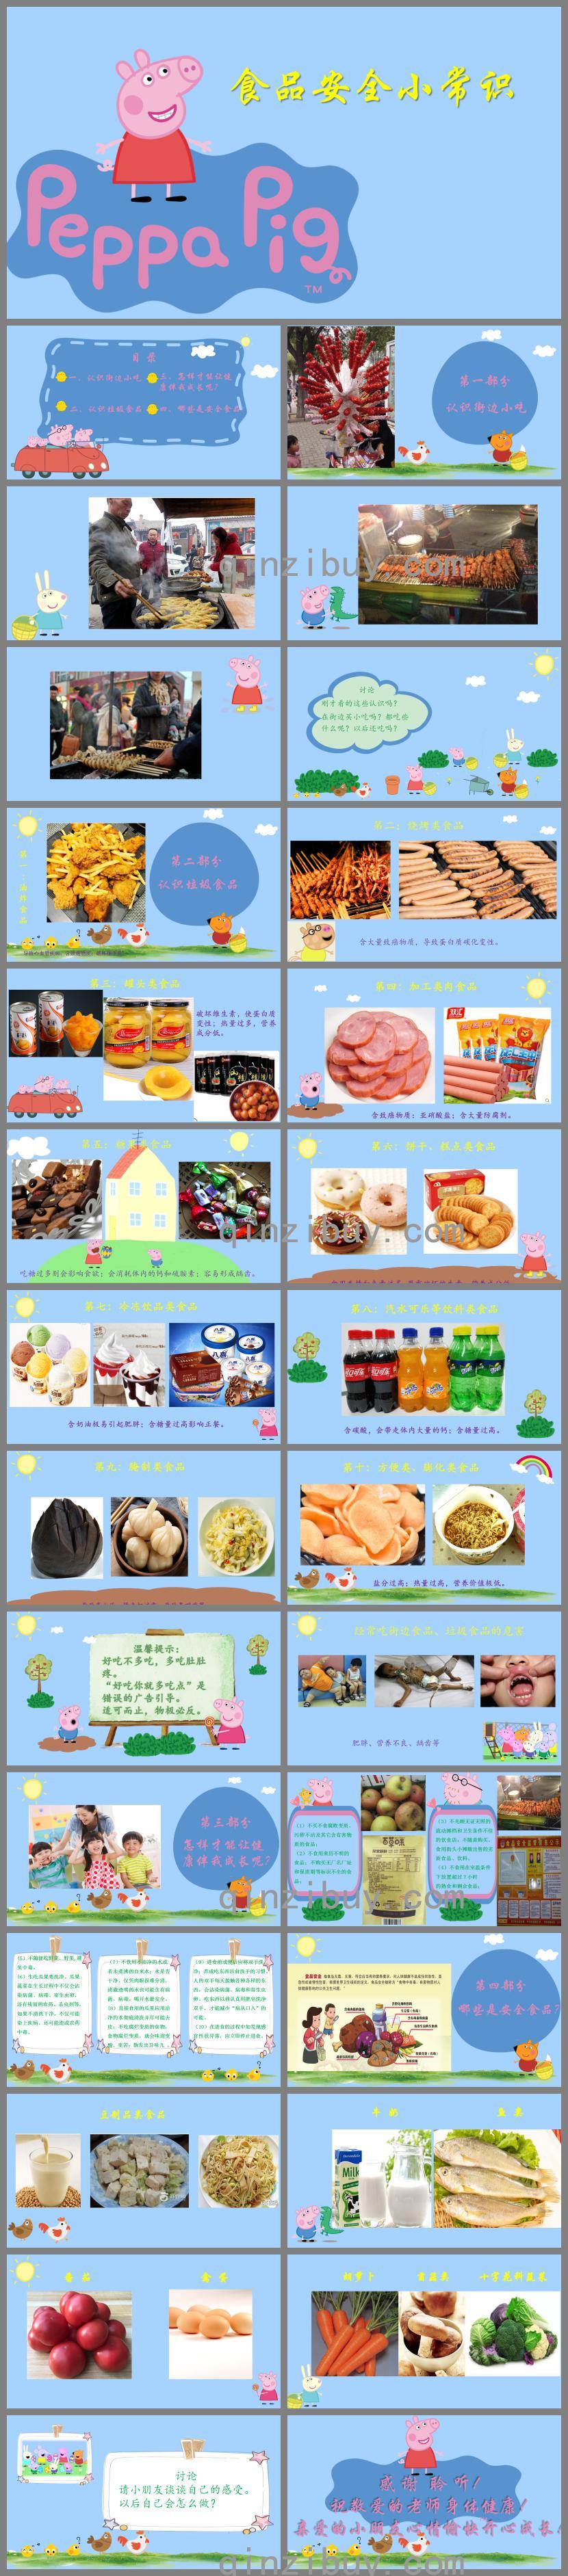 小猪佩奇版幼儿园小班食品安全小常识PPT课件